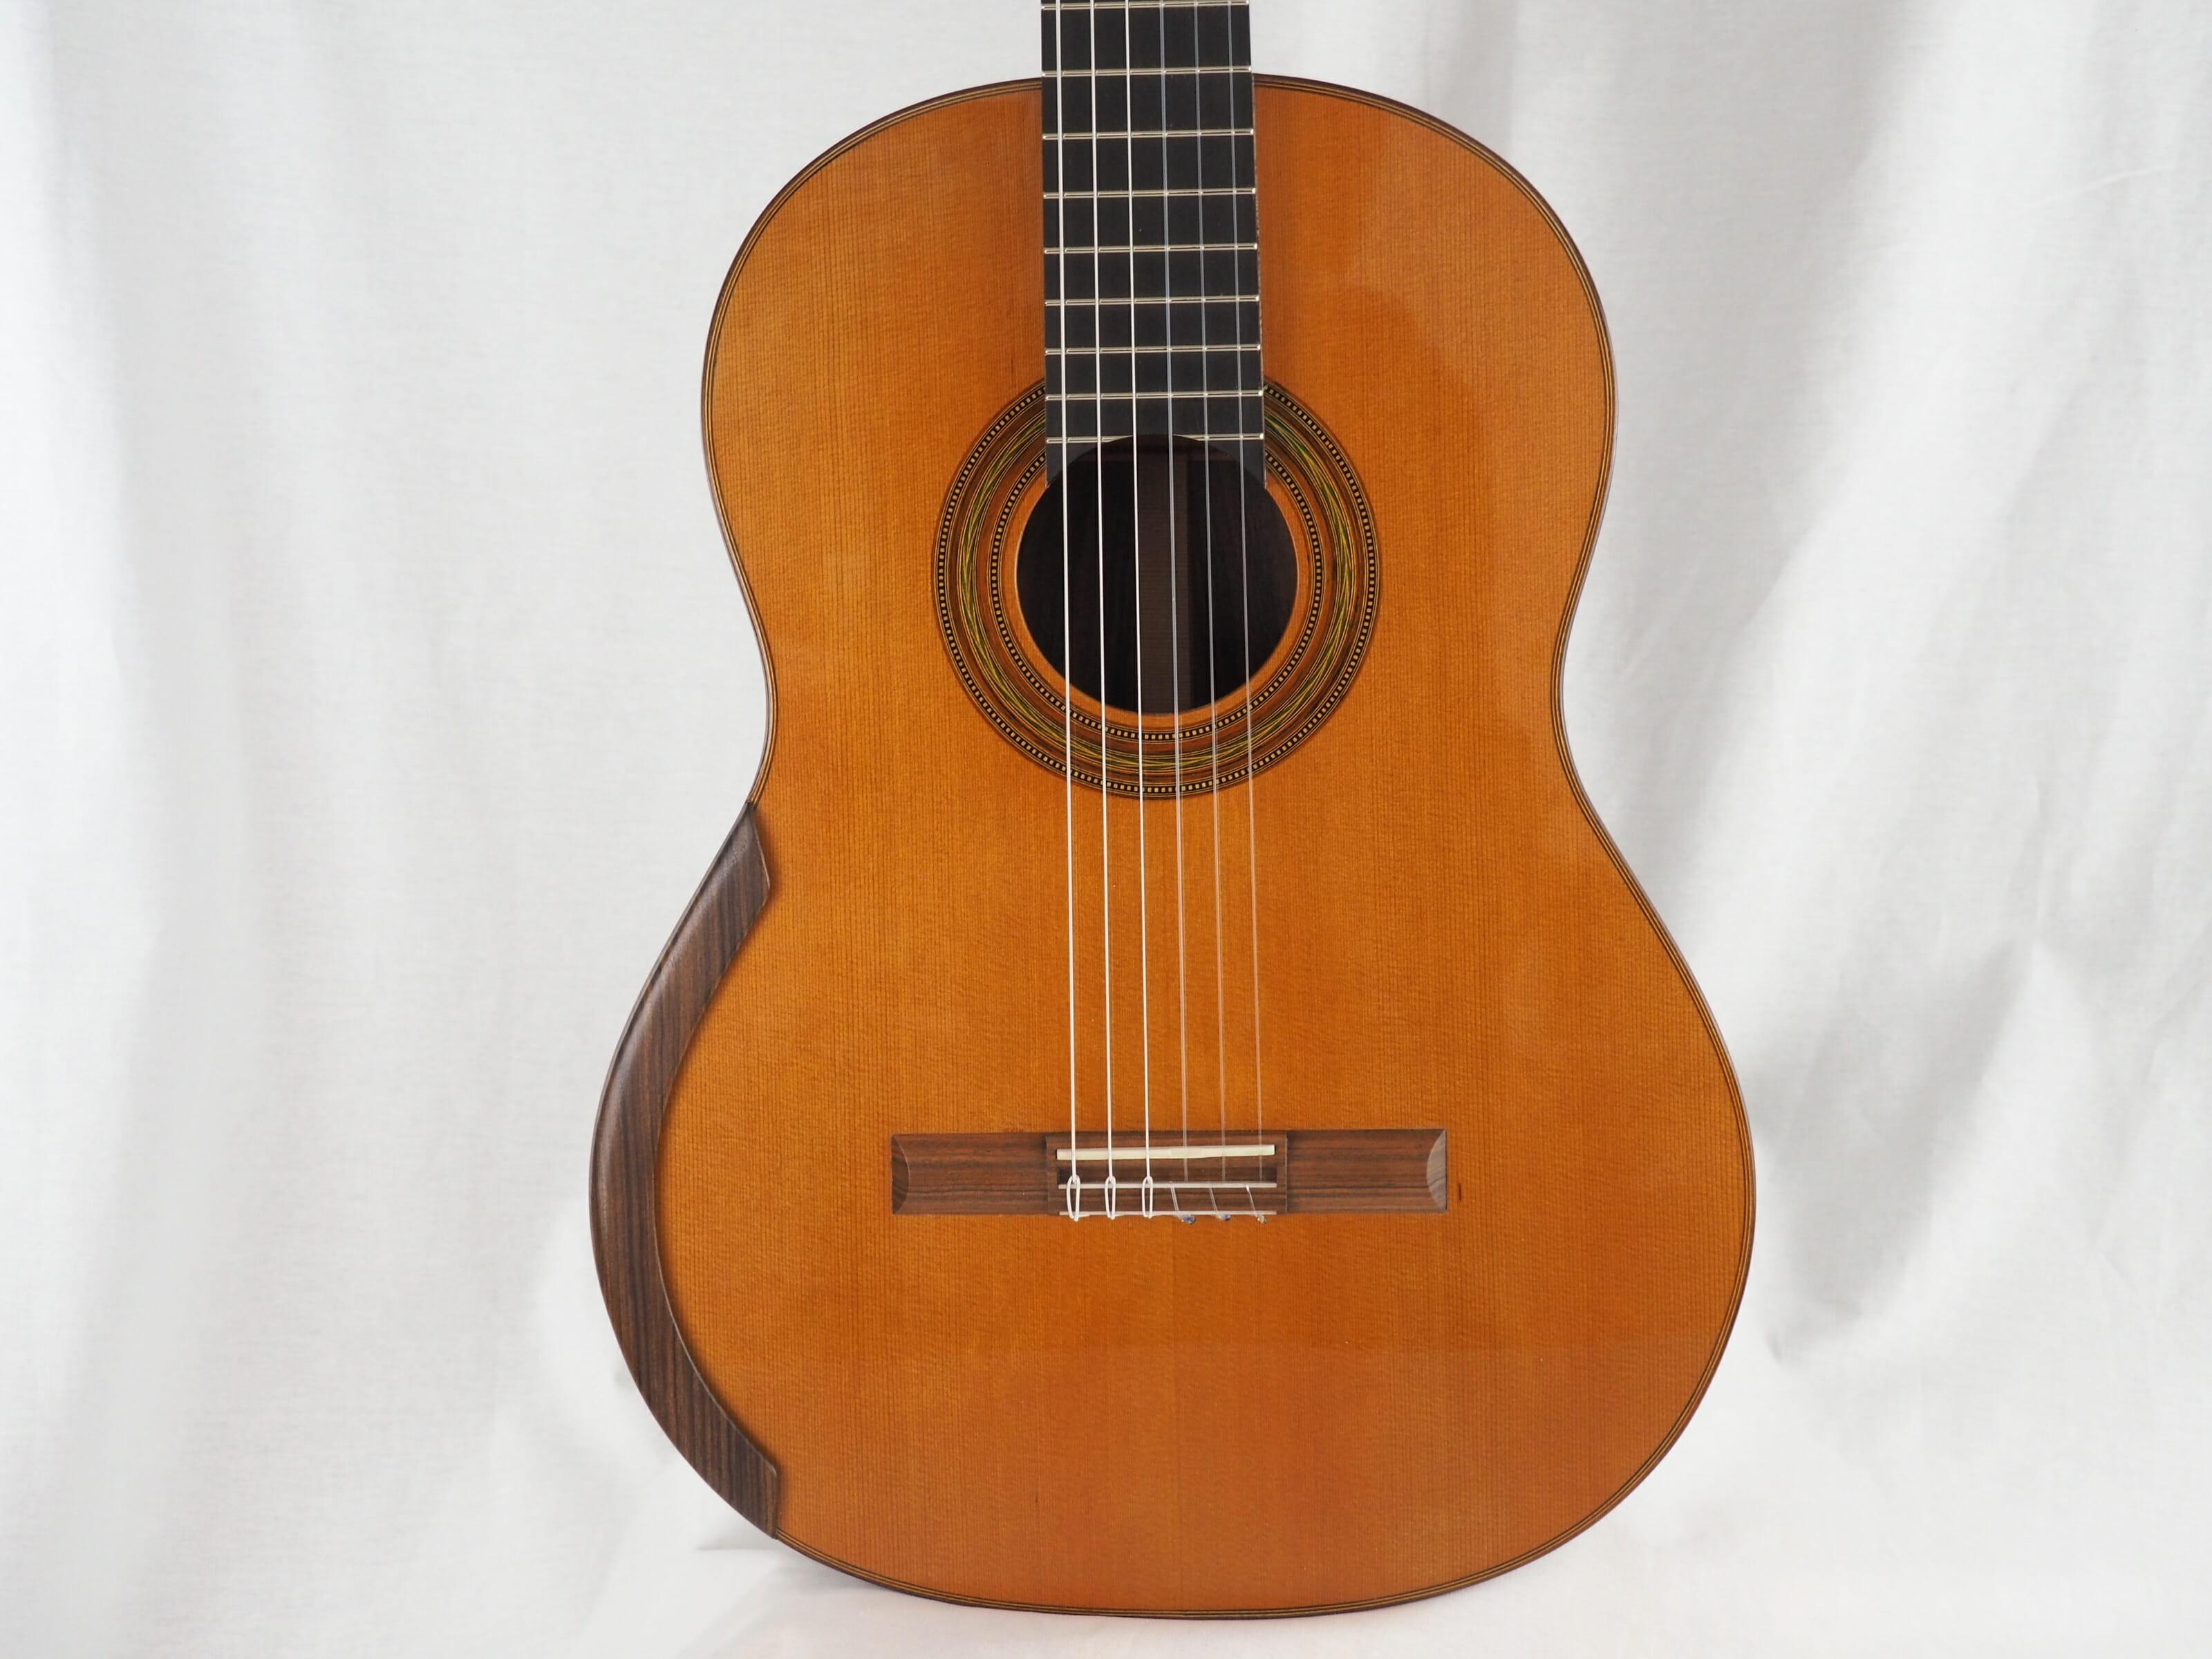 Stanislaw Partyka luthier guitare classique 2019 19PAR019-07